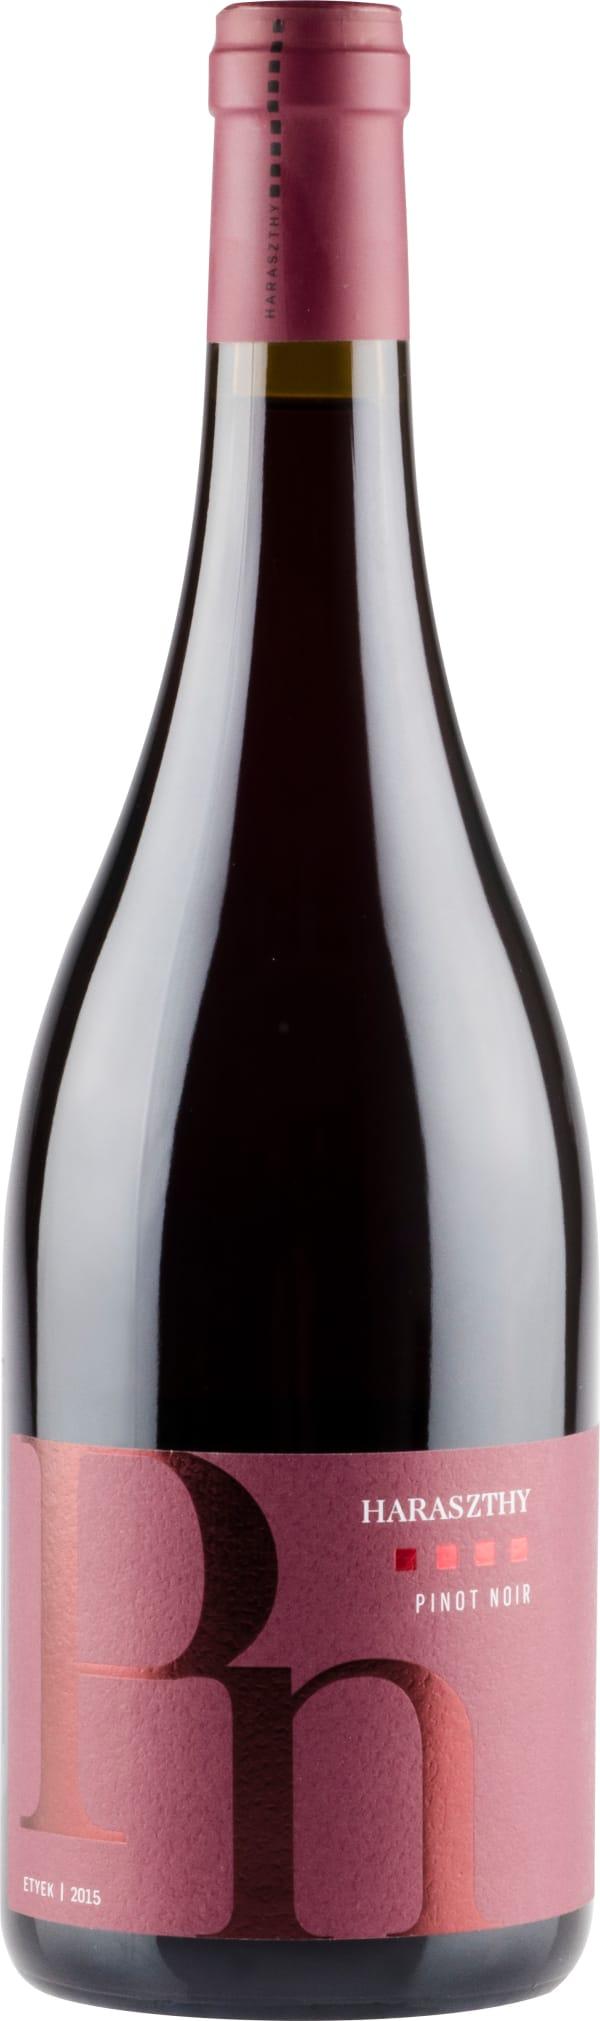 Haraszthy Pinot Noir 2016